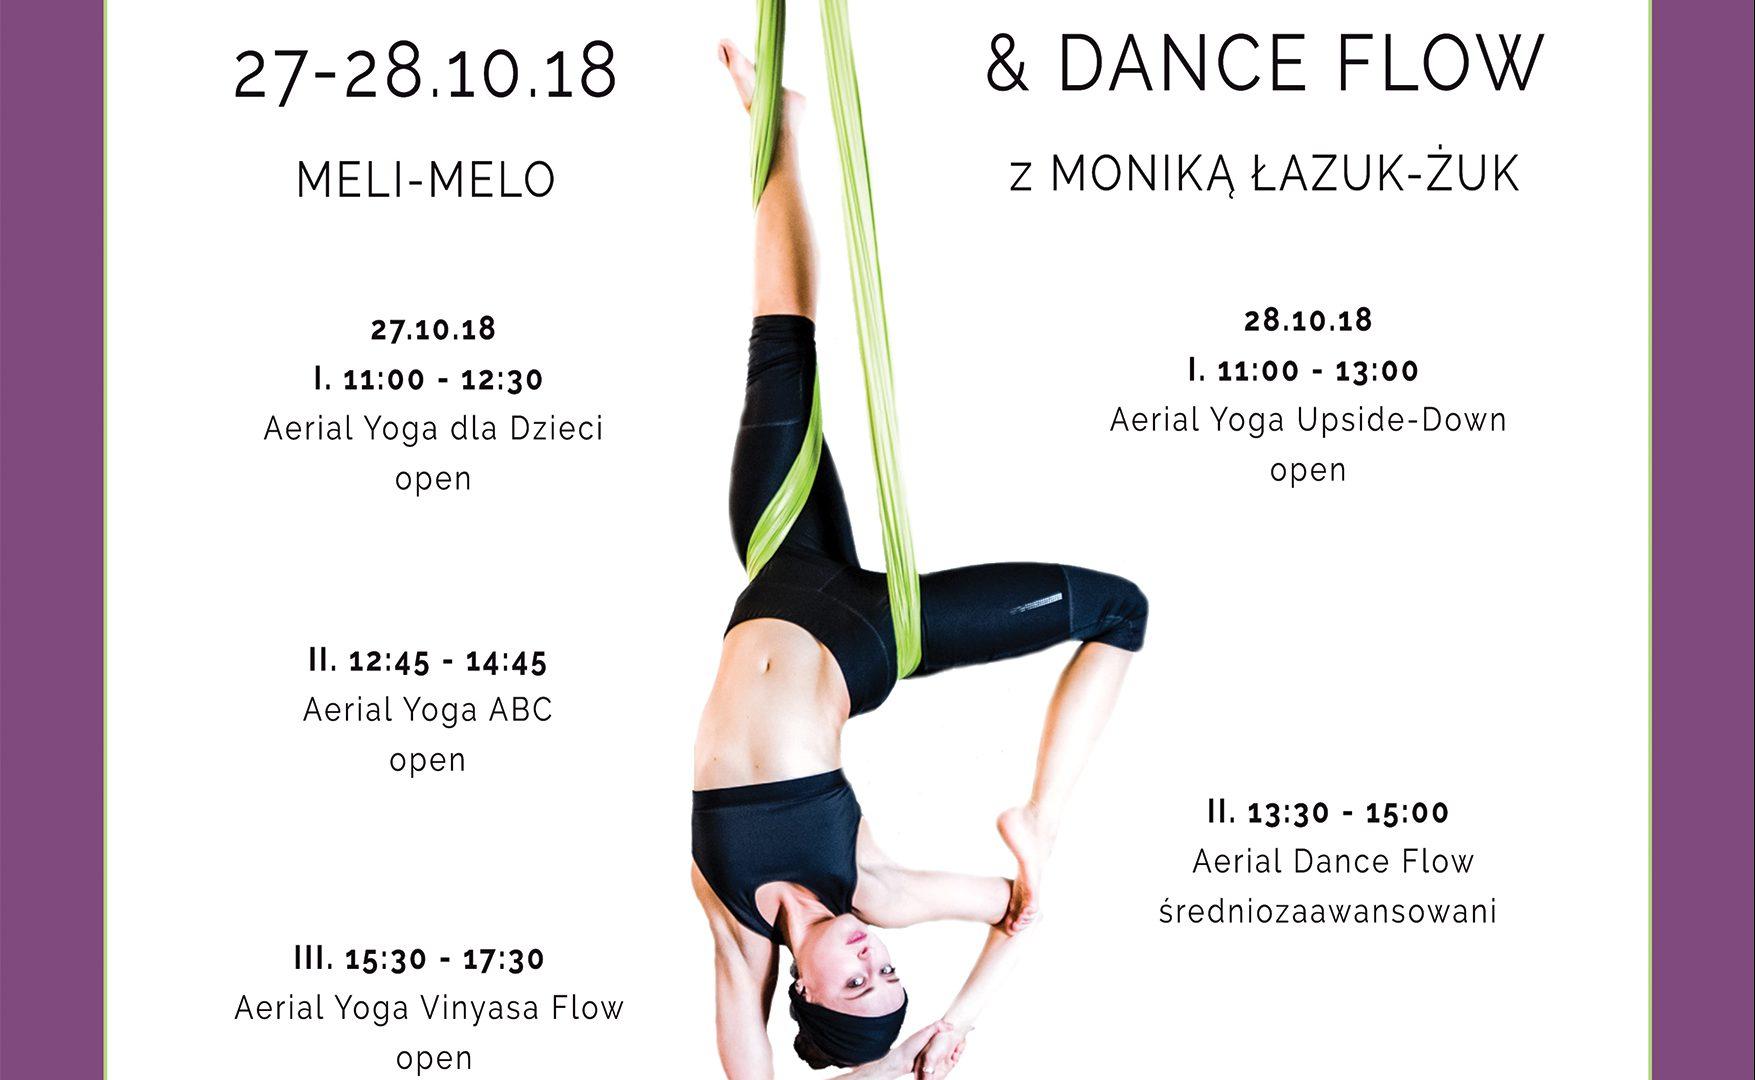 Aerial Yoga & Dance Flow z Moniką Łazuk-Żuk